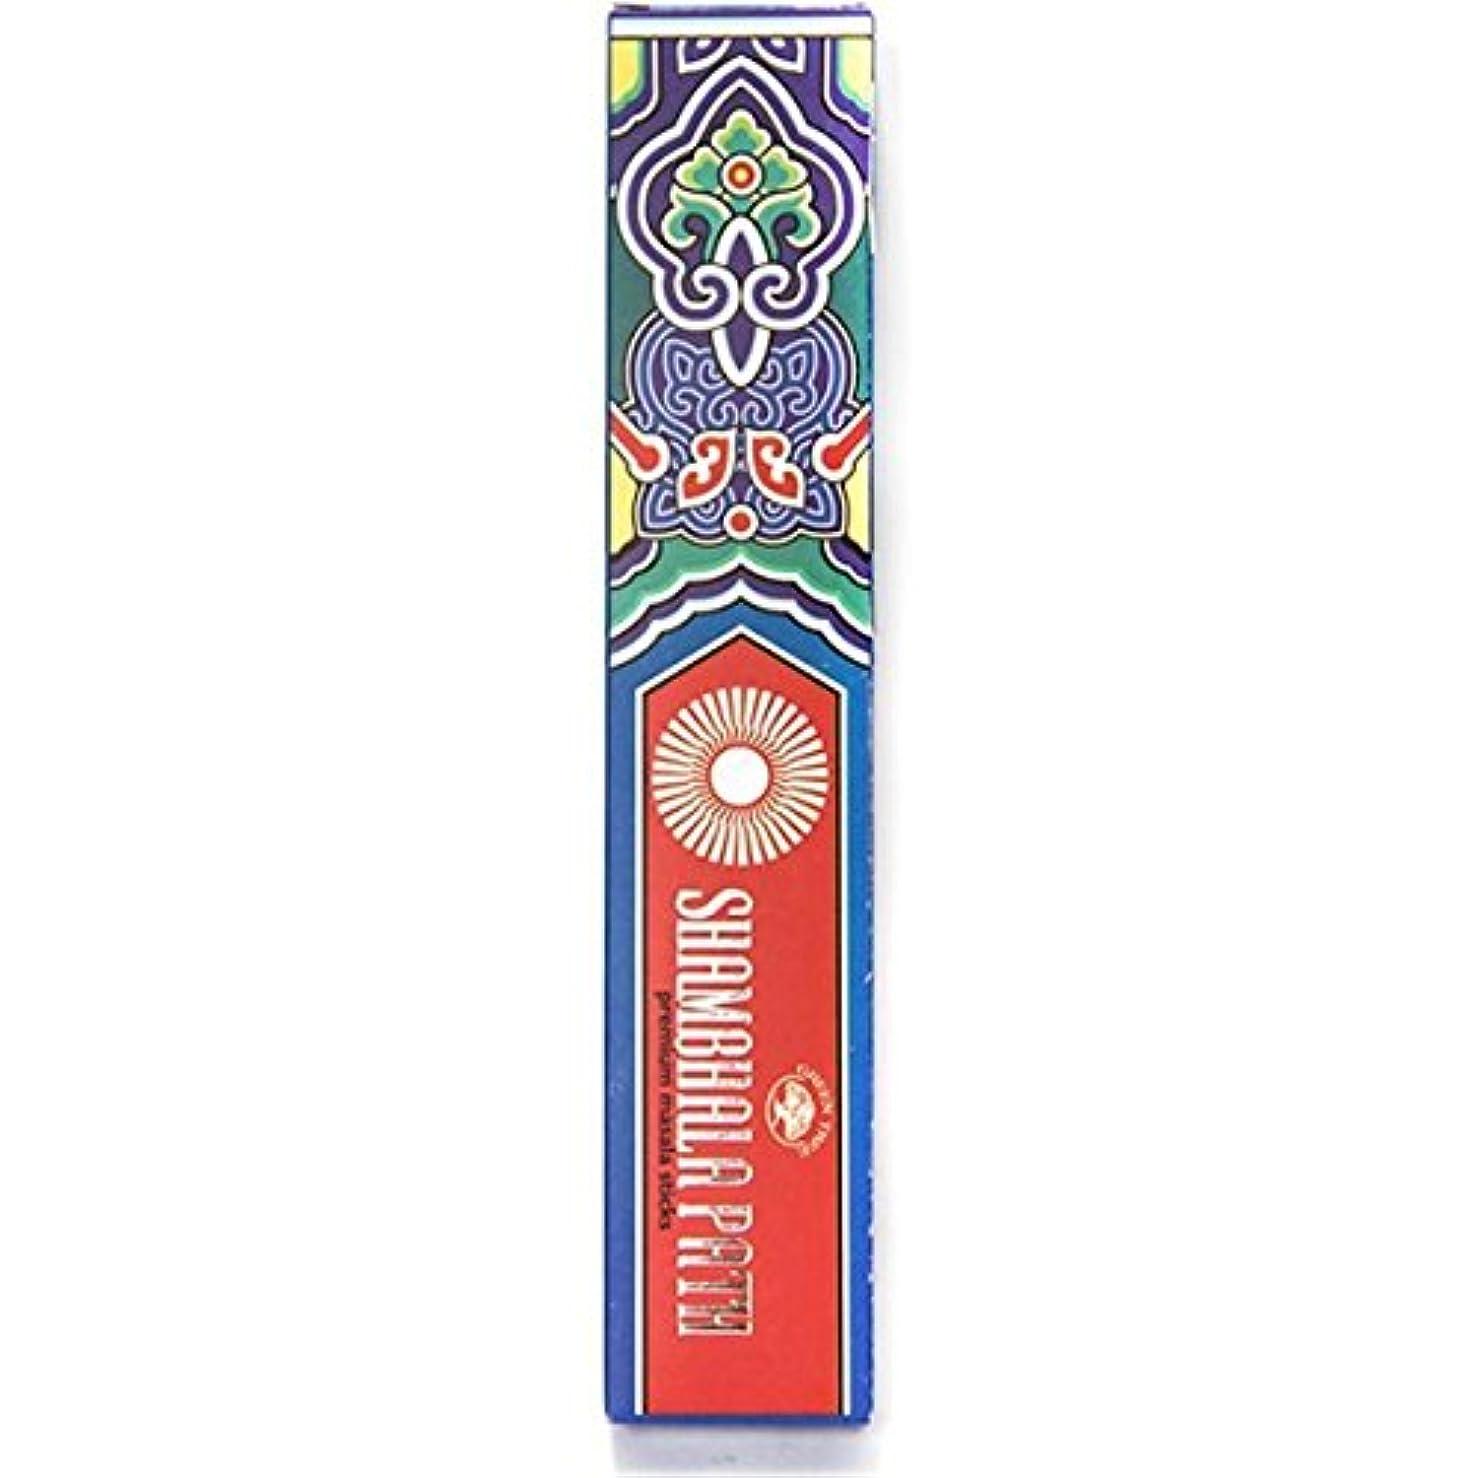 シリング露出度の高いメーカーShambhalaパスIncense Sticks – Byグリーンツリー – ボックスof 12パック